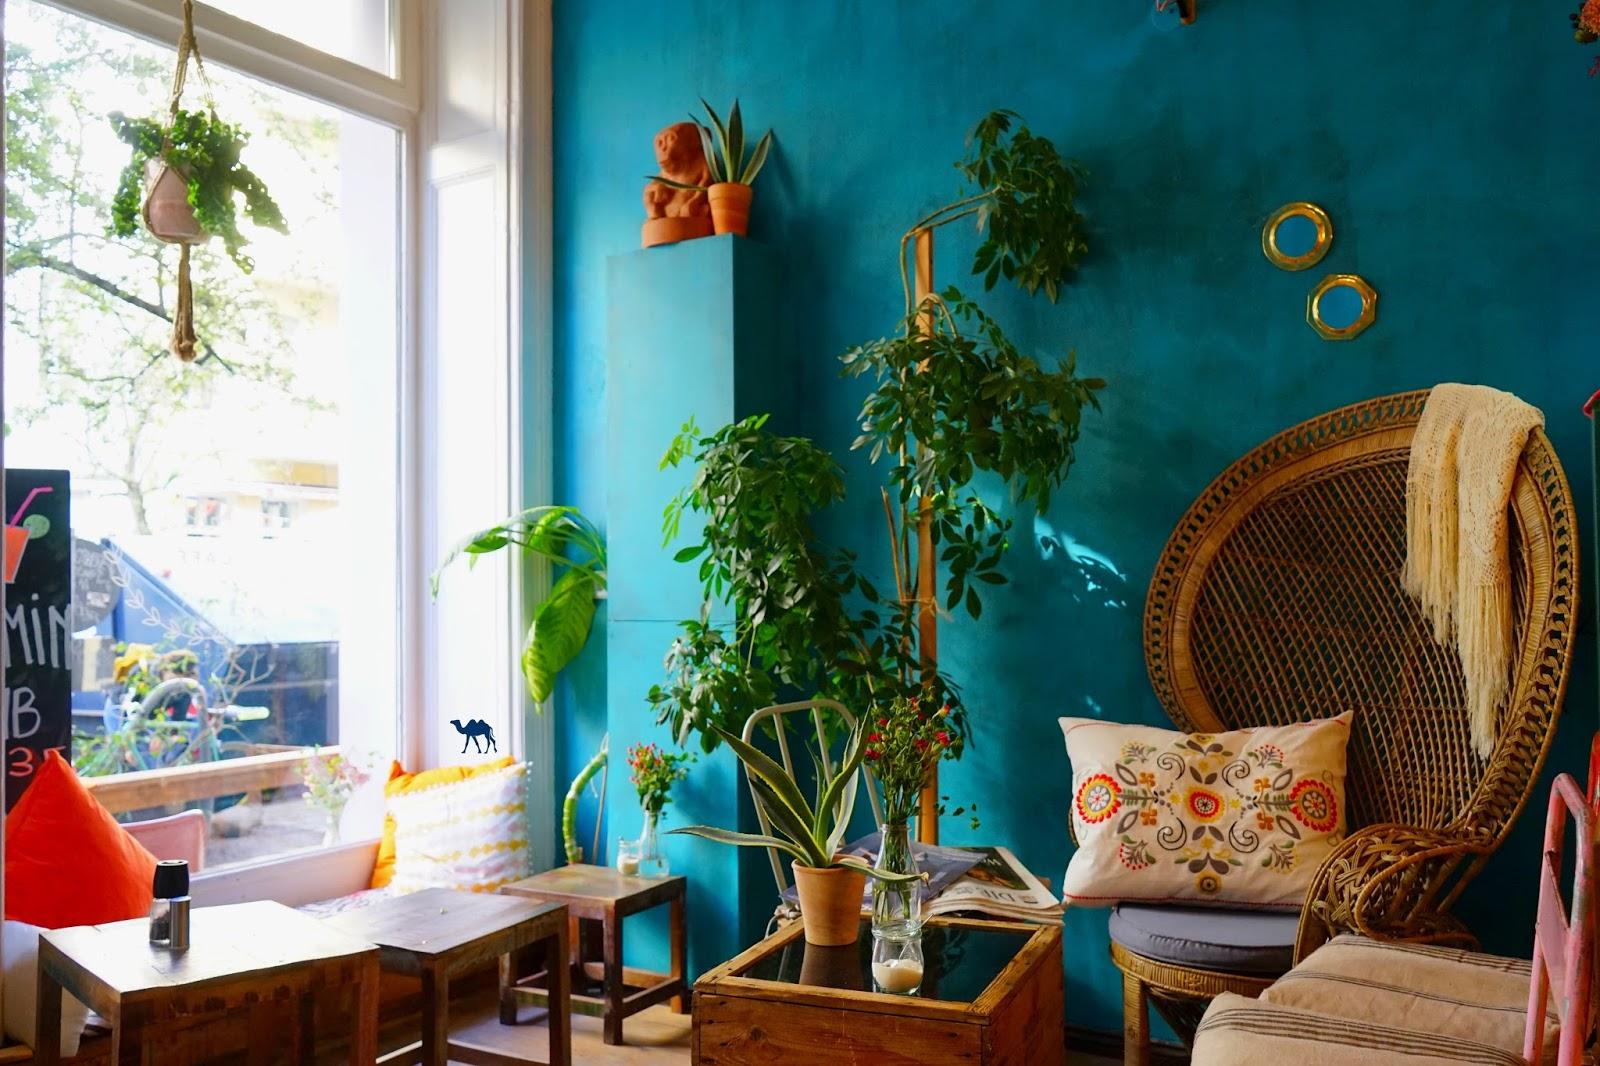 Le Chameau Bleu - Frida Cafe